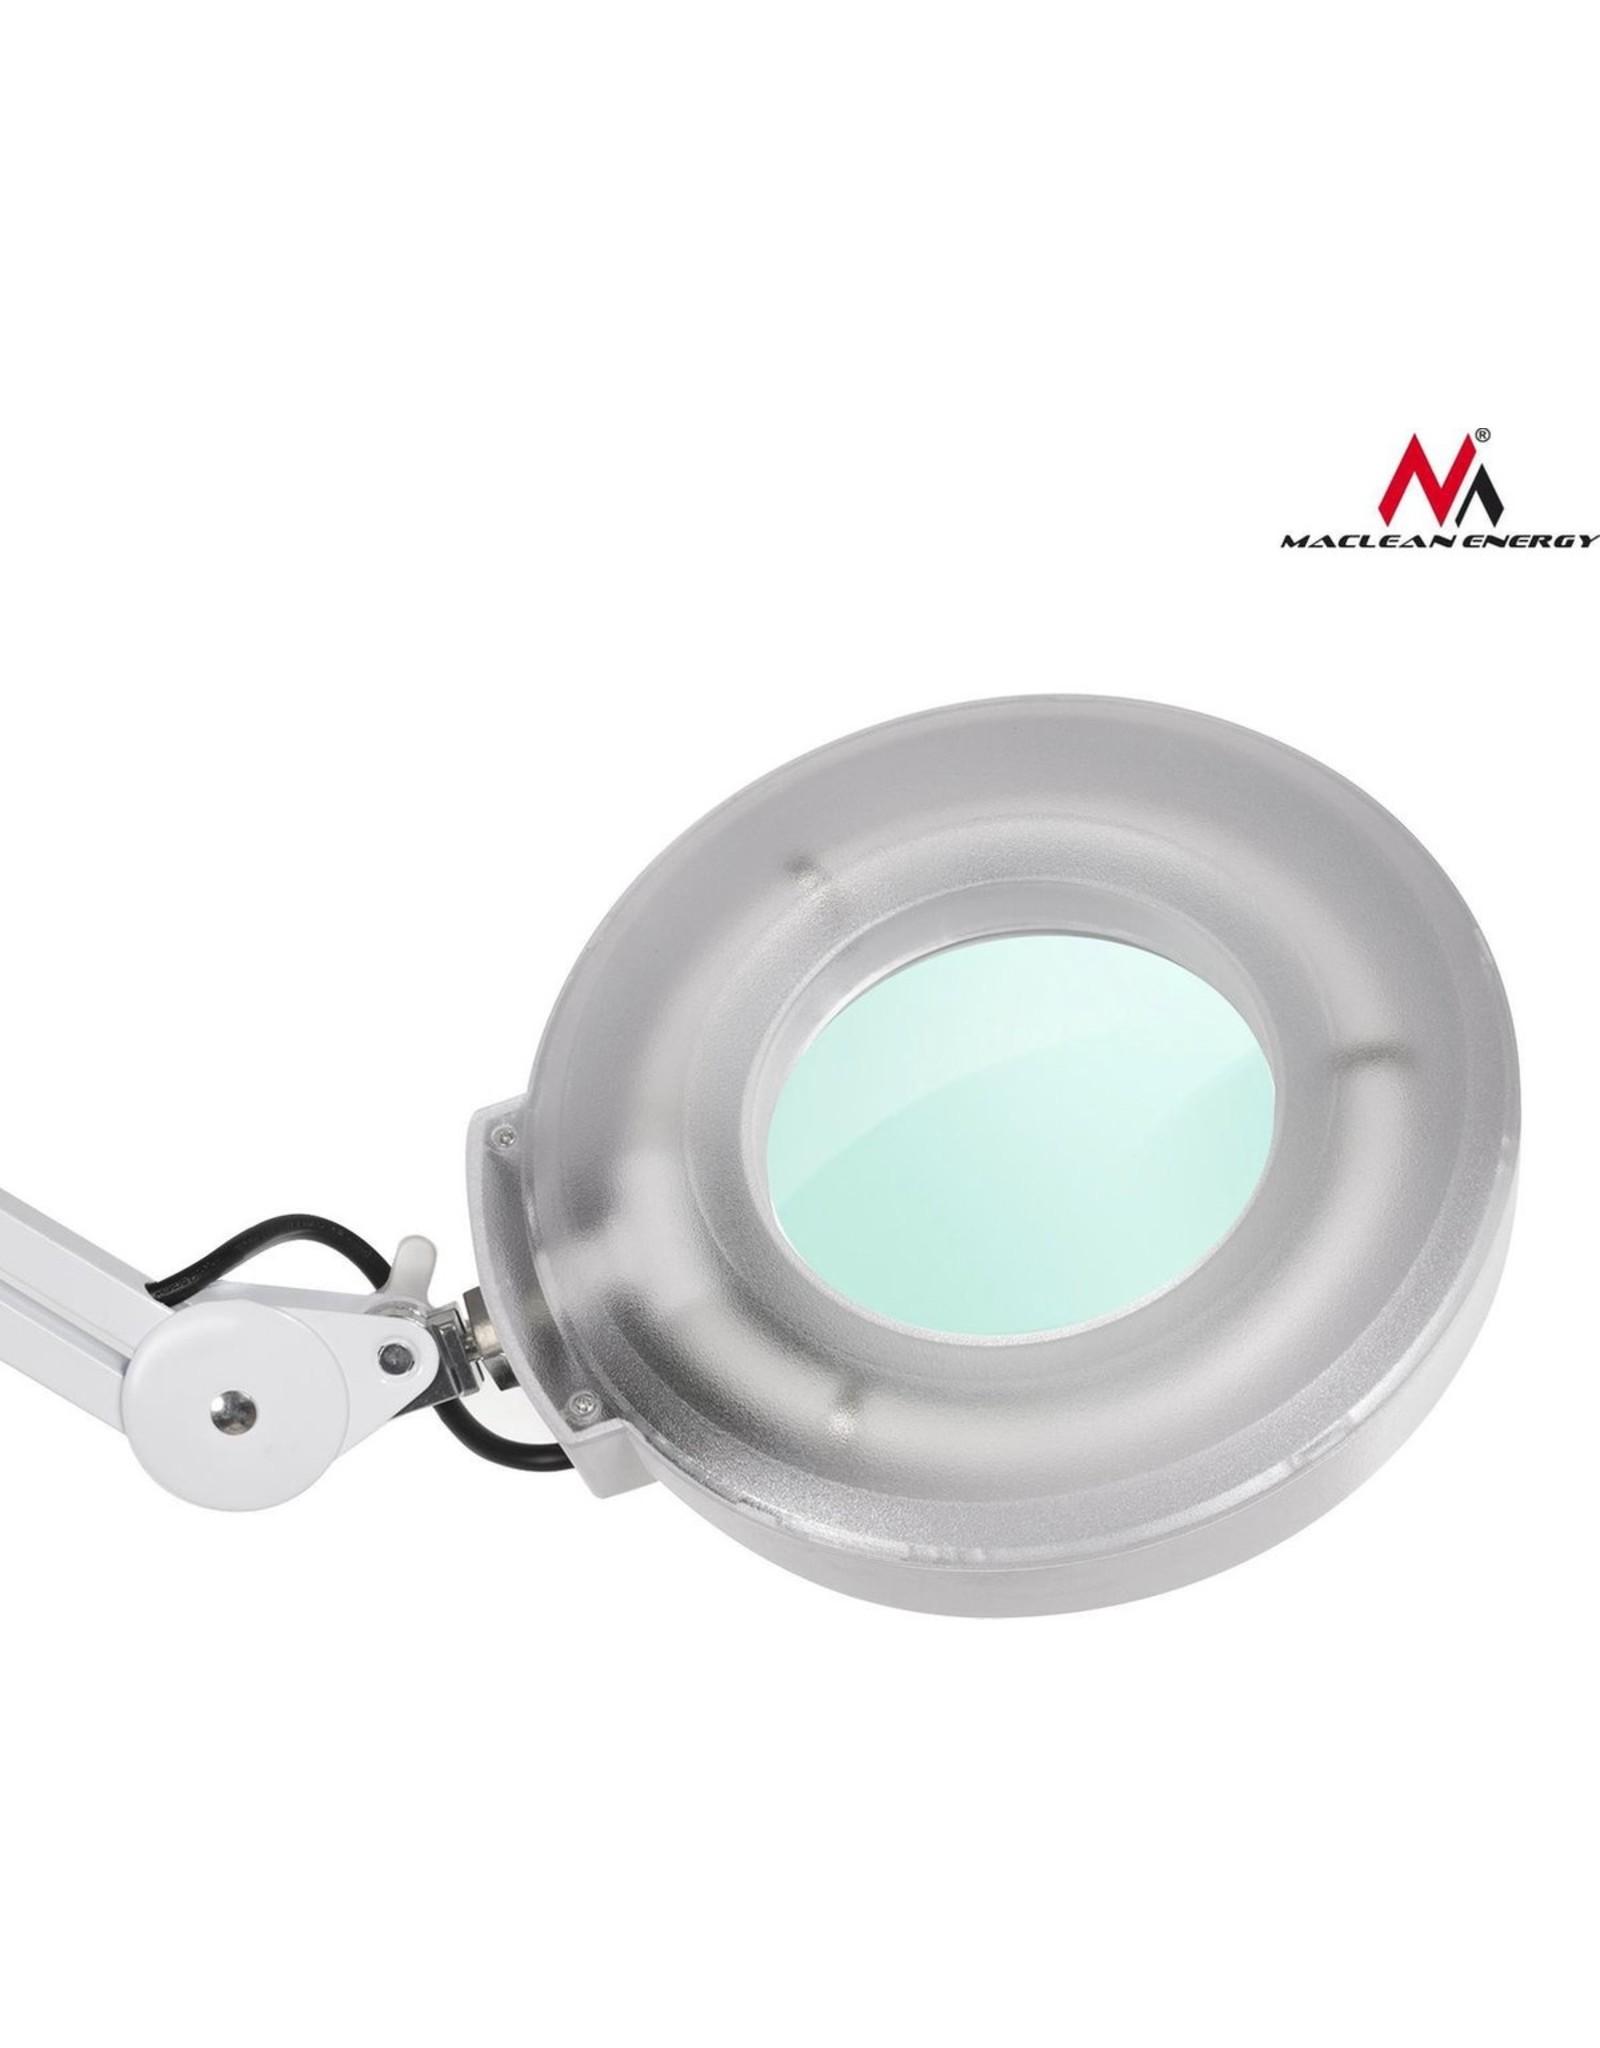 Maclean Energy Maclean Energy MCE146 - Vergrotingslamp 2,25 x Werklamp